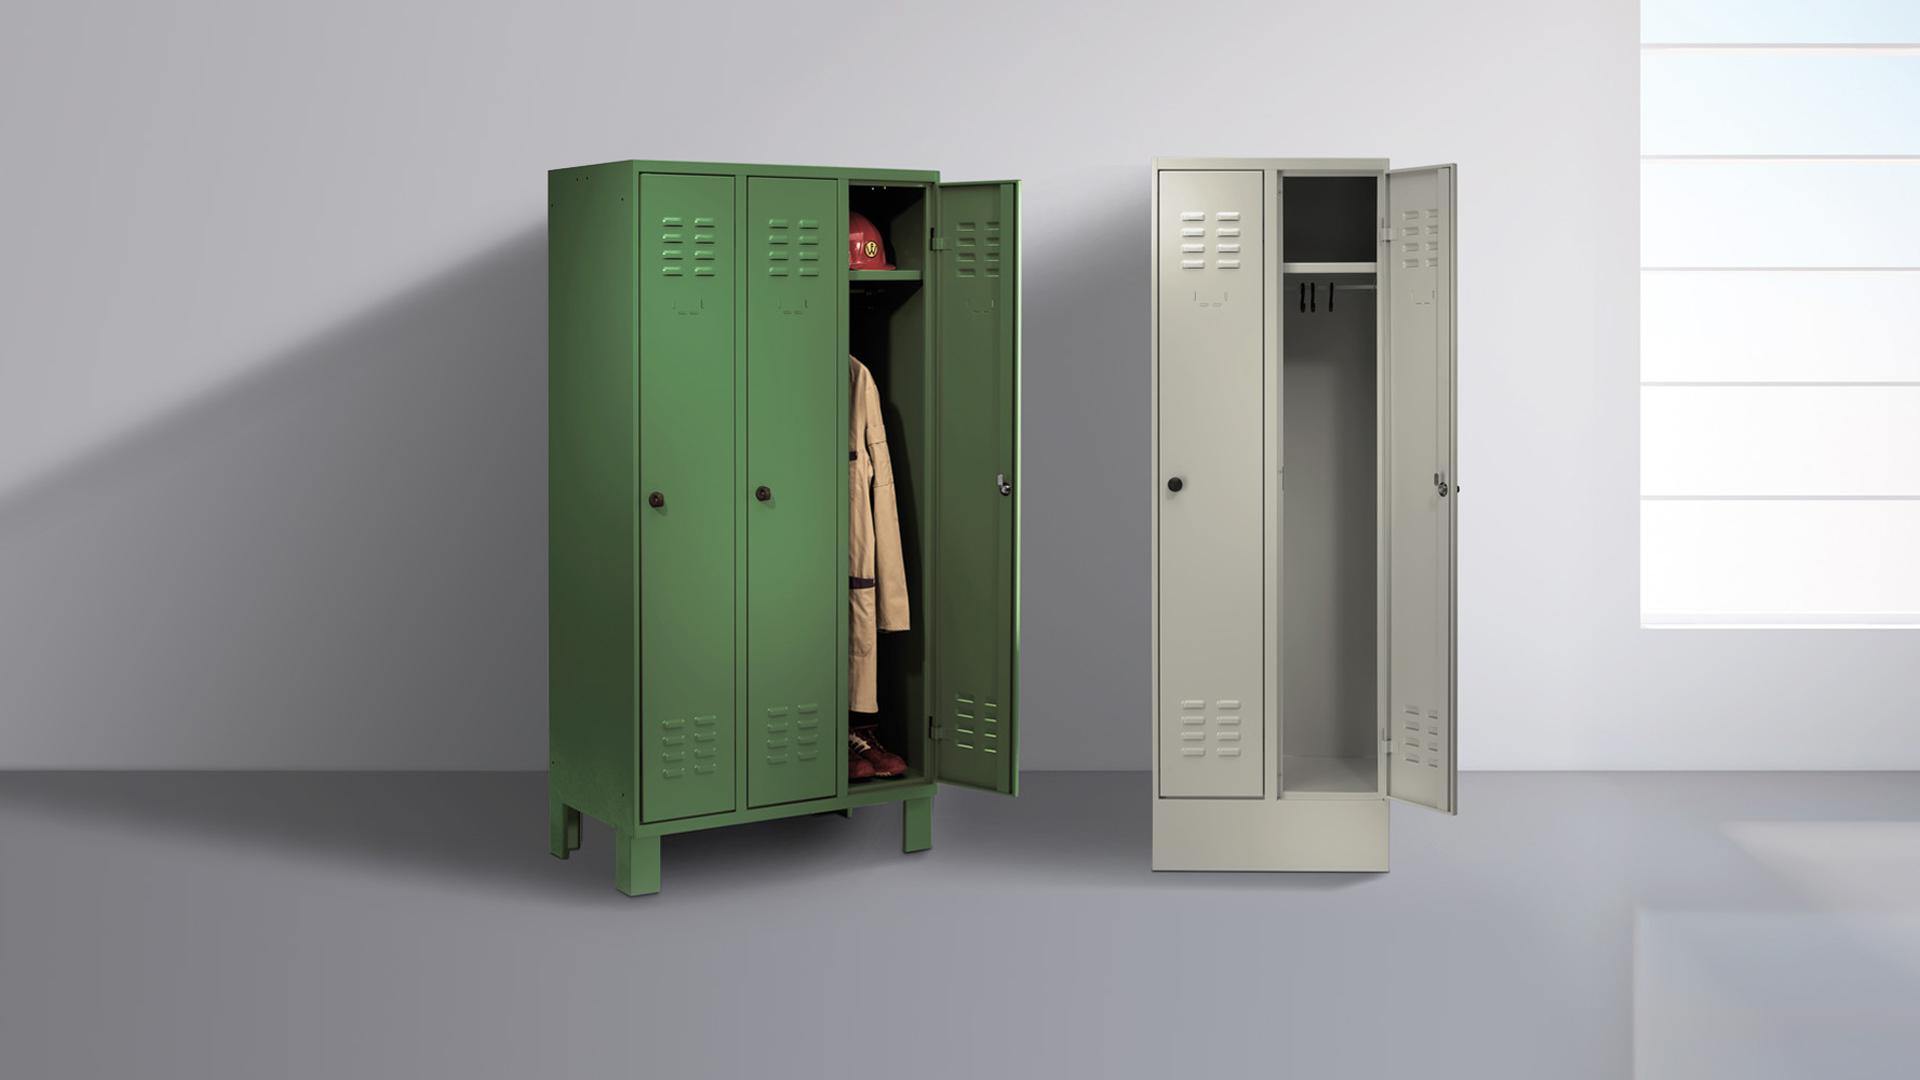 Schranksysteme-Garderobenschrank-ropero-GS-mauser-sliderp1IWFNxE4kPUk